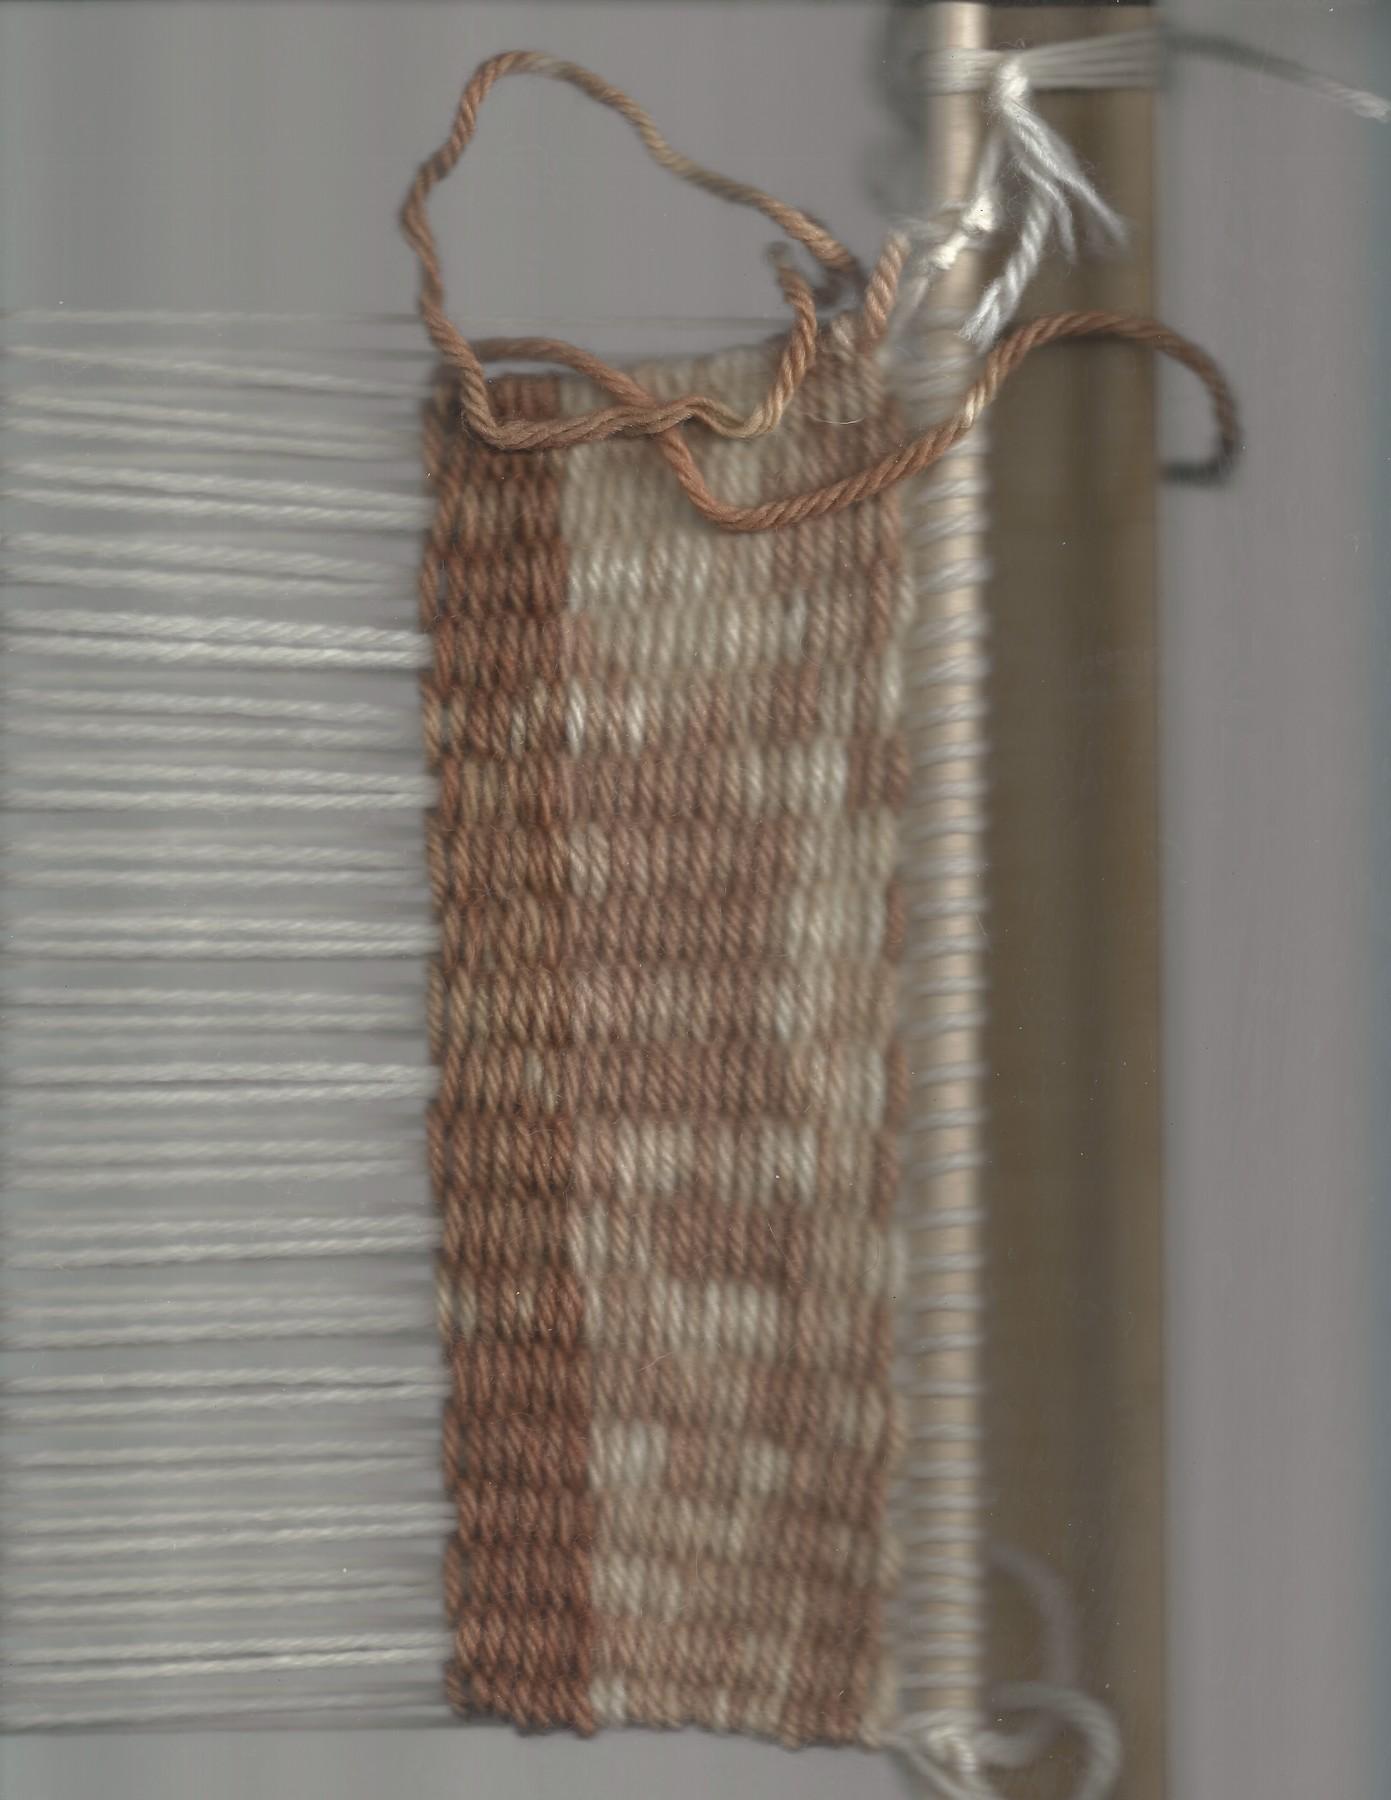 preliminary weave